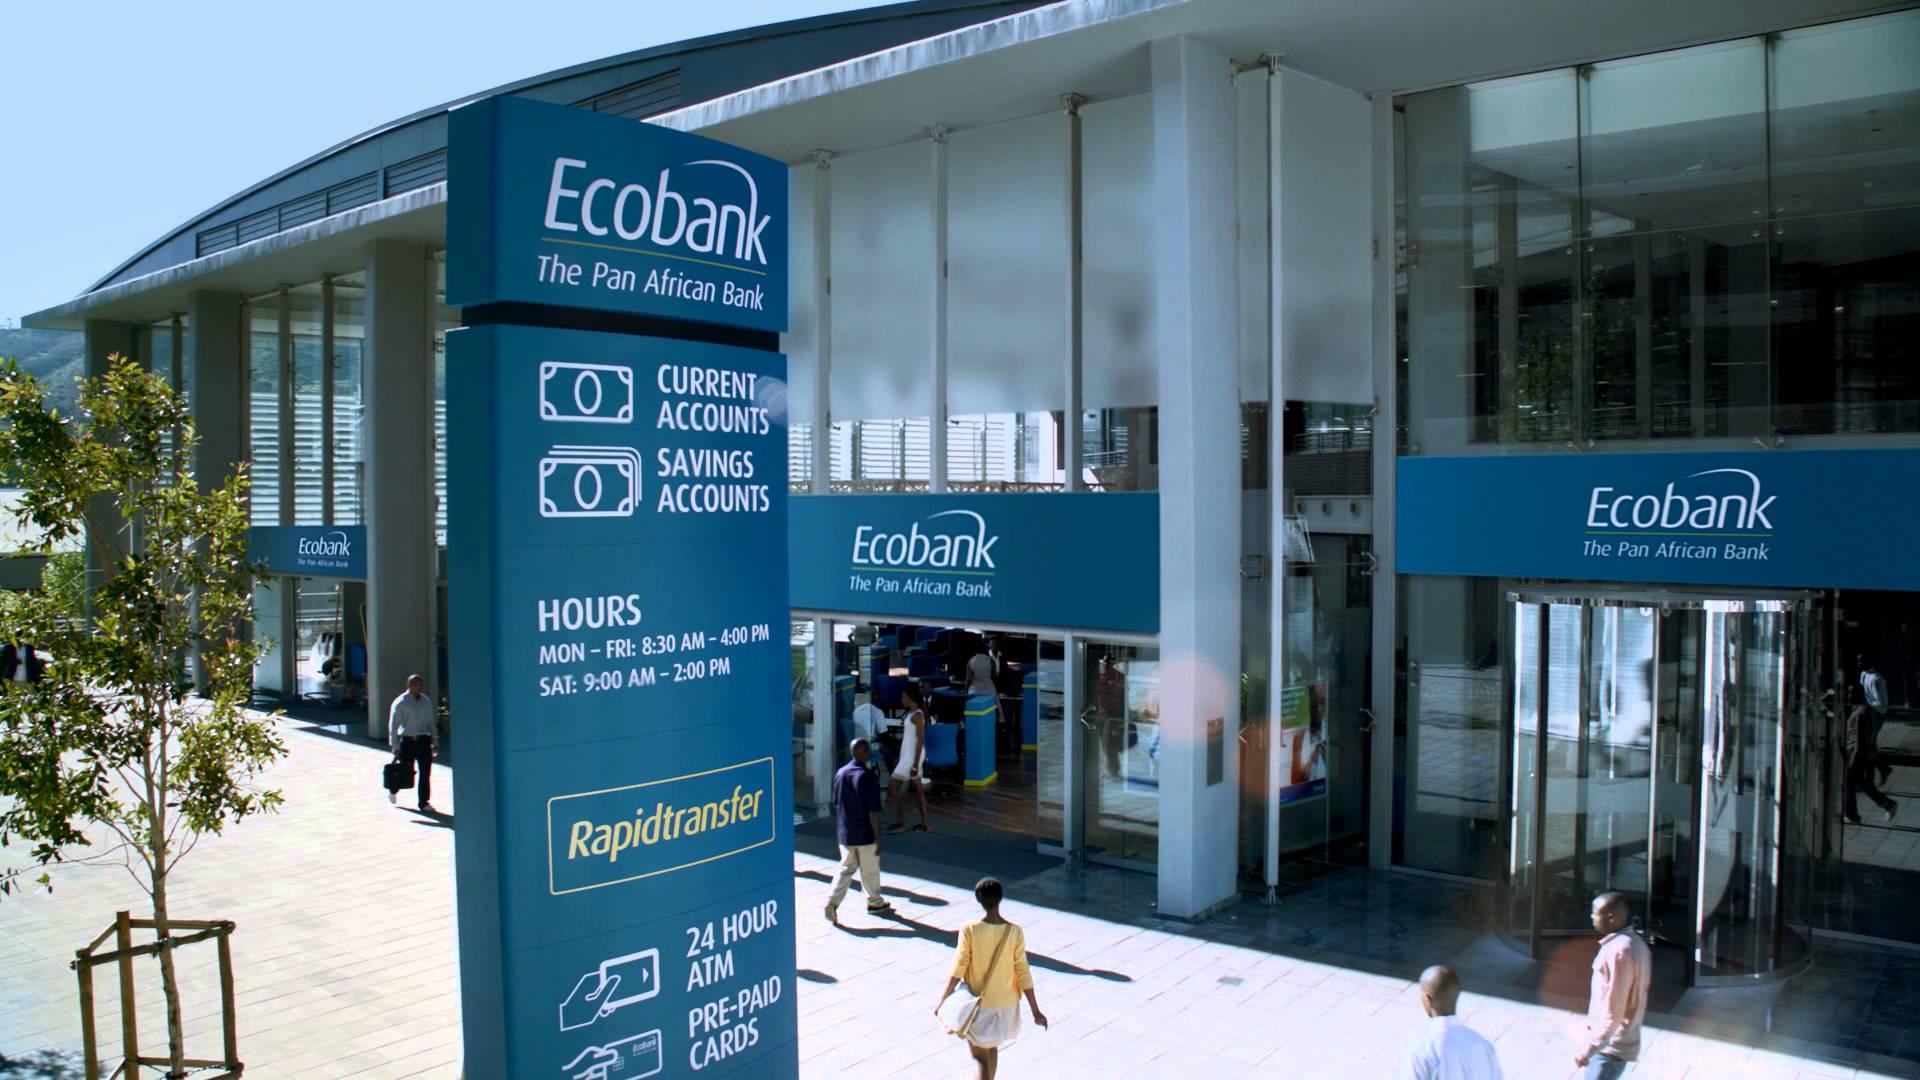 Les clients de Ecobank dans le désarroi